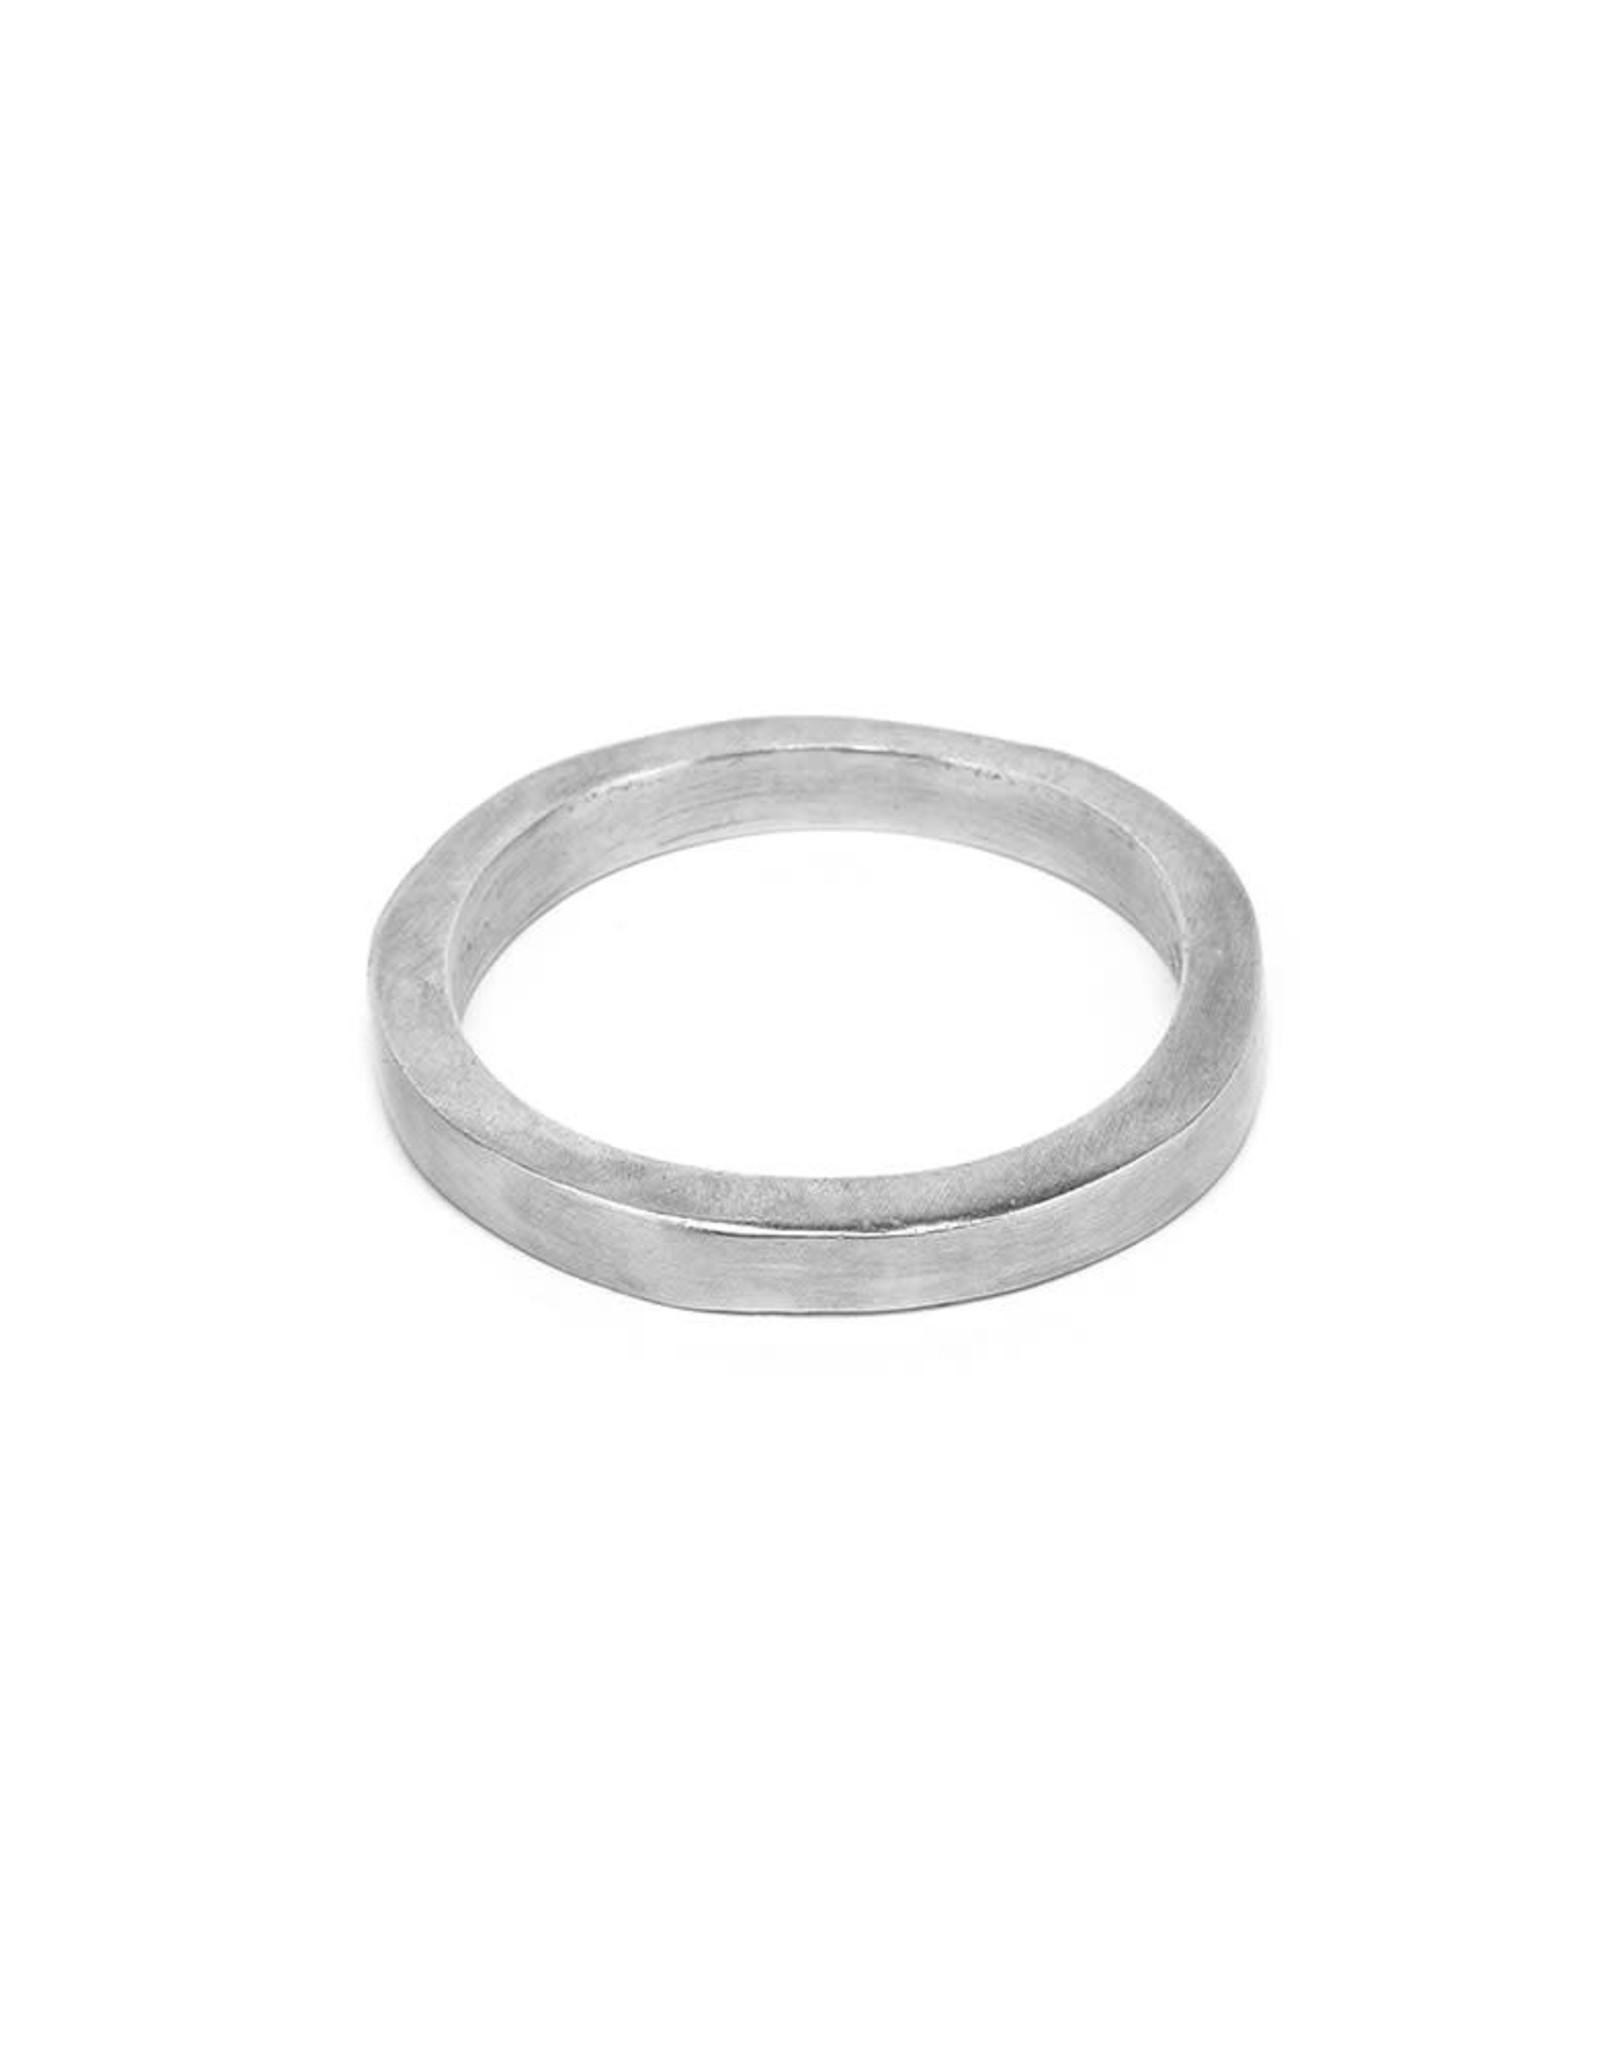 VESTOPAZZO Aluminum Cylinder Bracelet 1cm